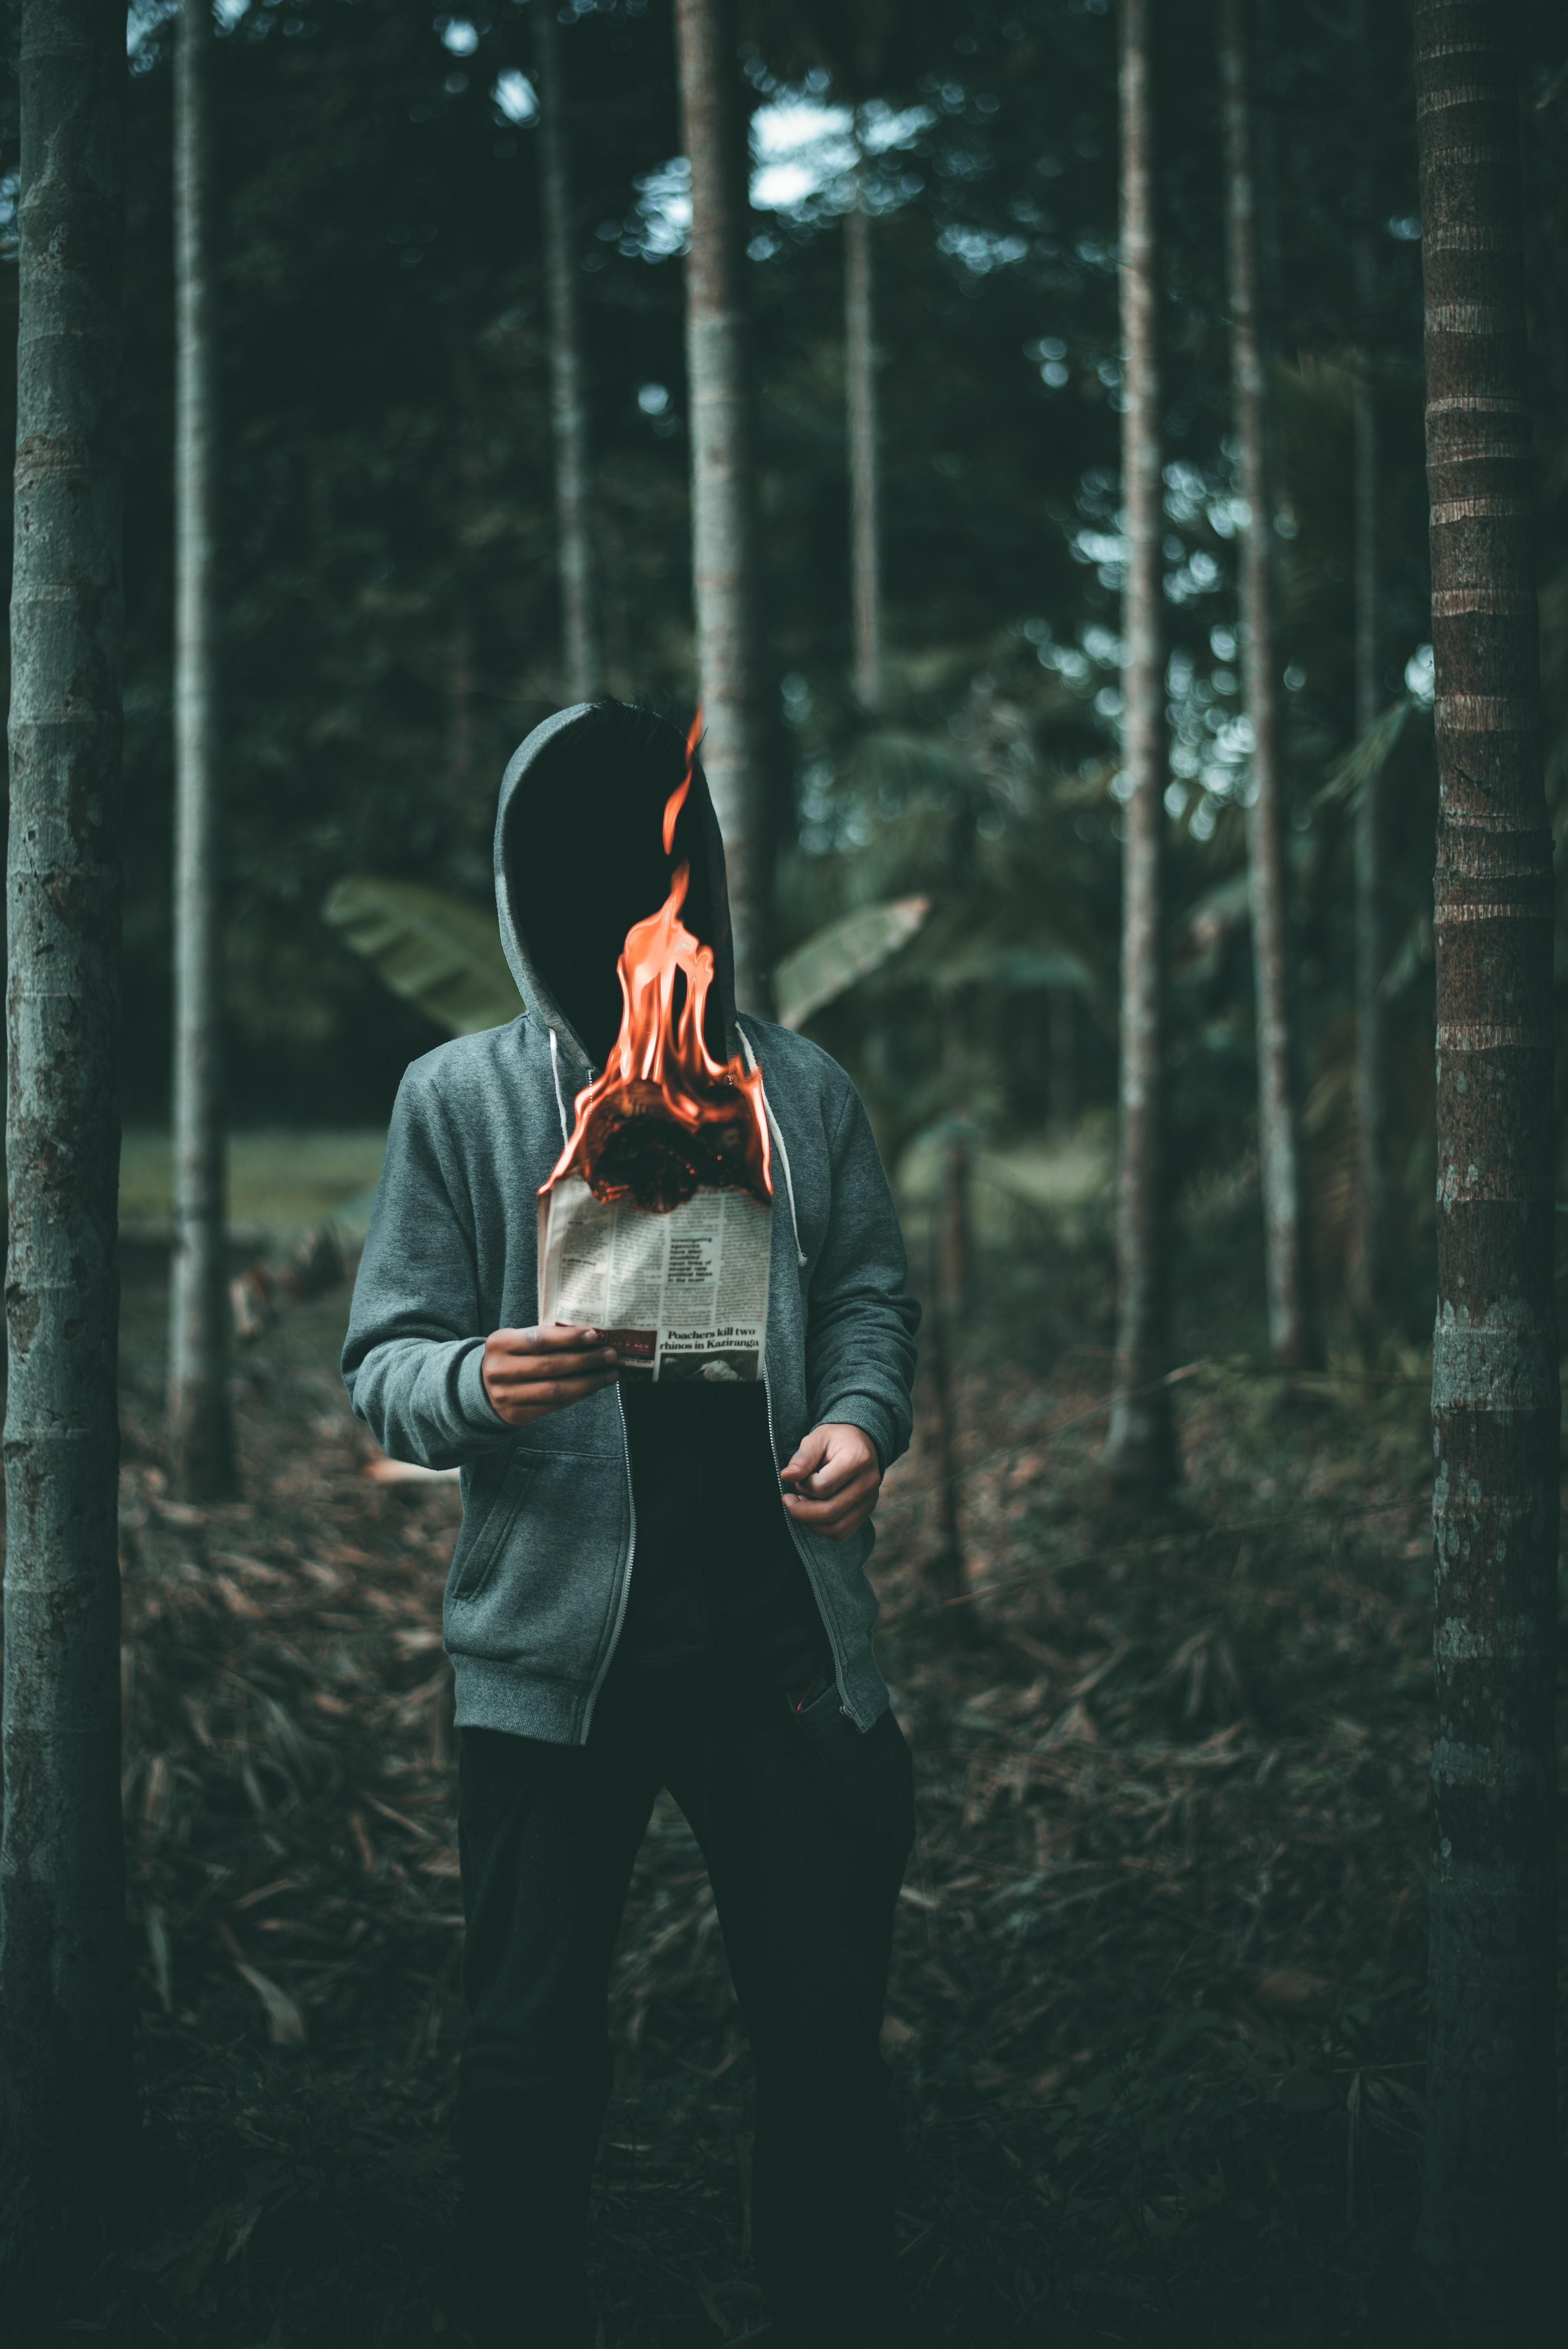 71145 免費下載壁紙 杂项, 人类, 男子, 报纸, 火, 燃烧 屏保和圖片